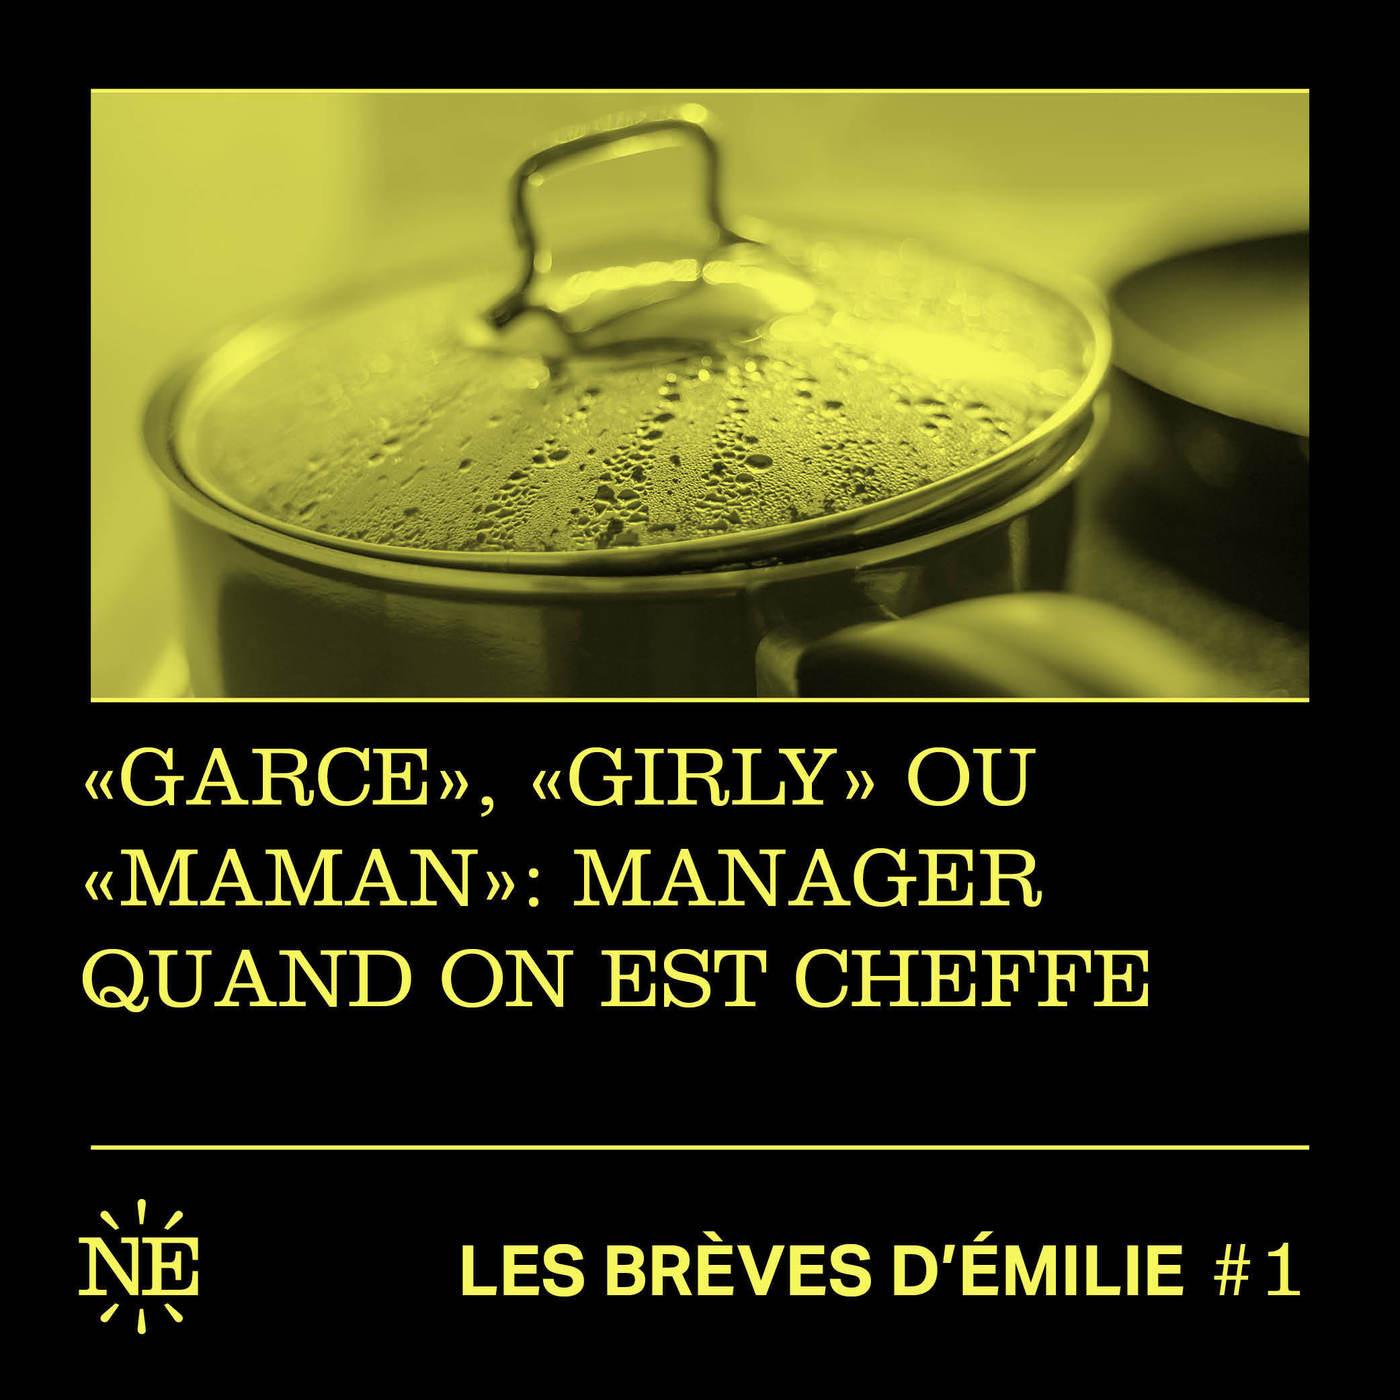 """Les Brèves d'Émilie - """"Garce"""", """"girly"""" ou """"maman"""" : Manager quand on est Cheffe (#1)"""